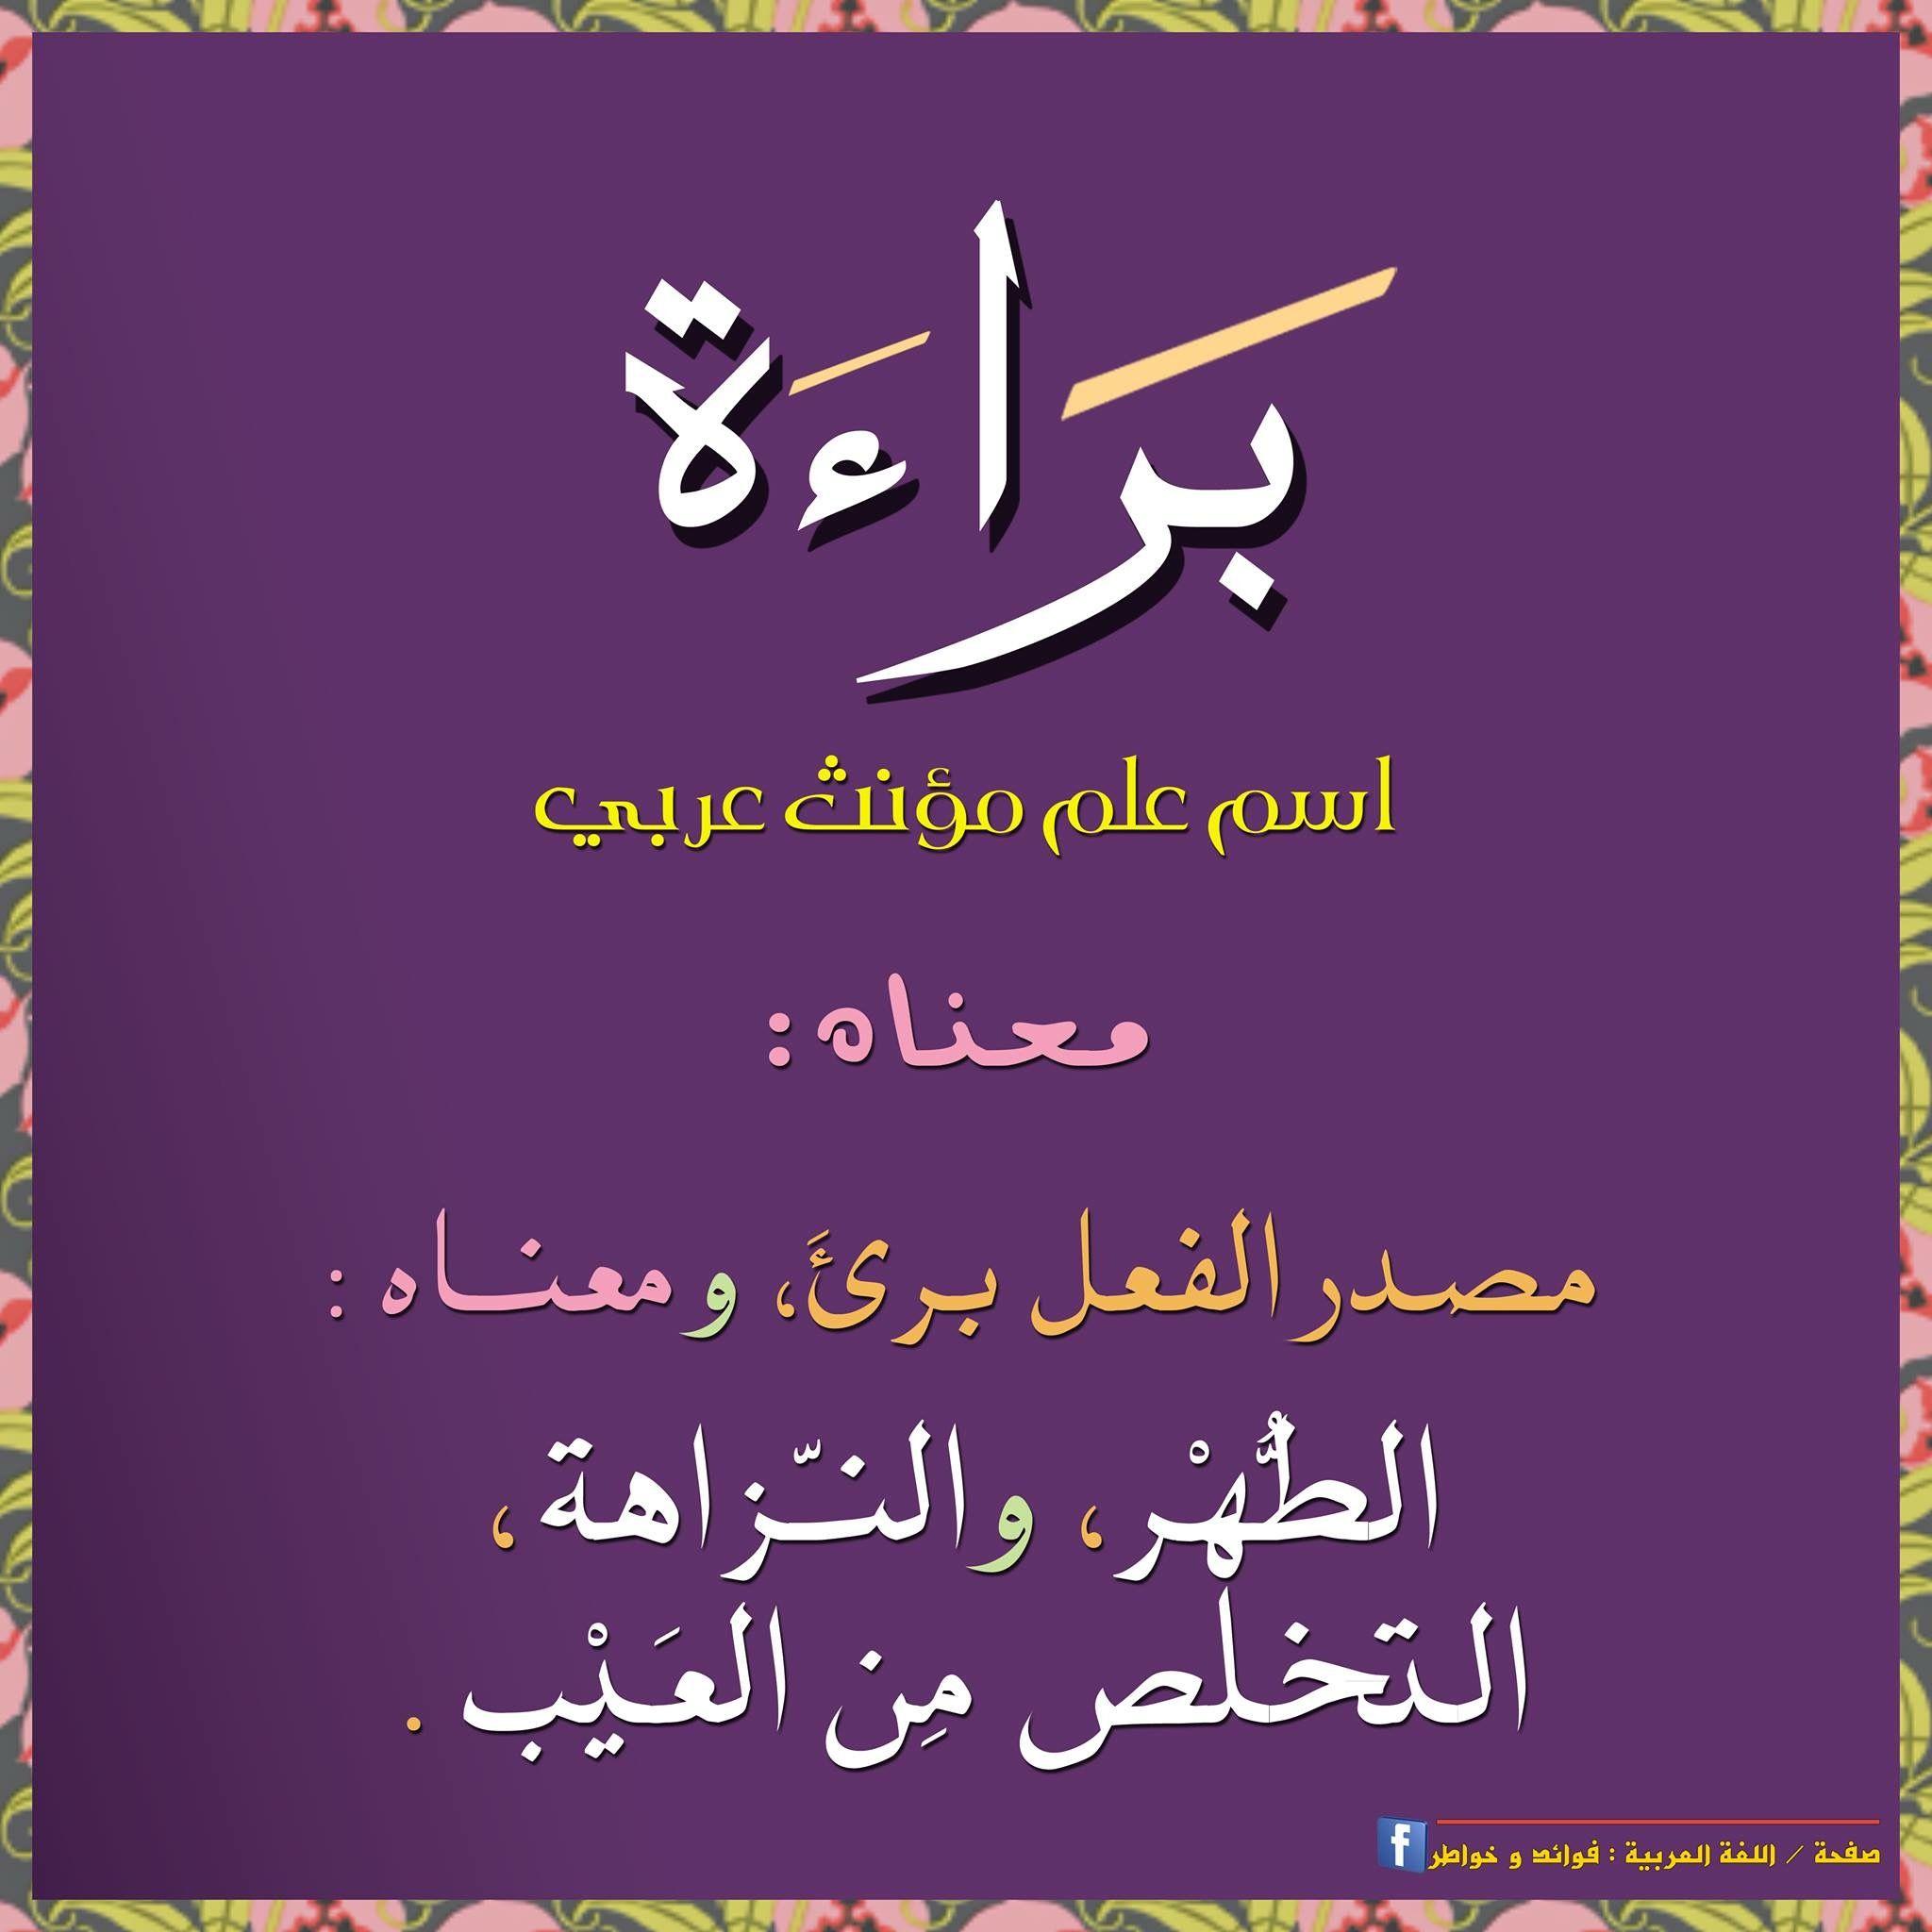 Pin By Khaled Bahnasawy On منوعة عربية Words Arabic Language Arabic Words